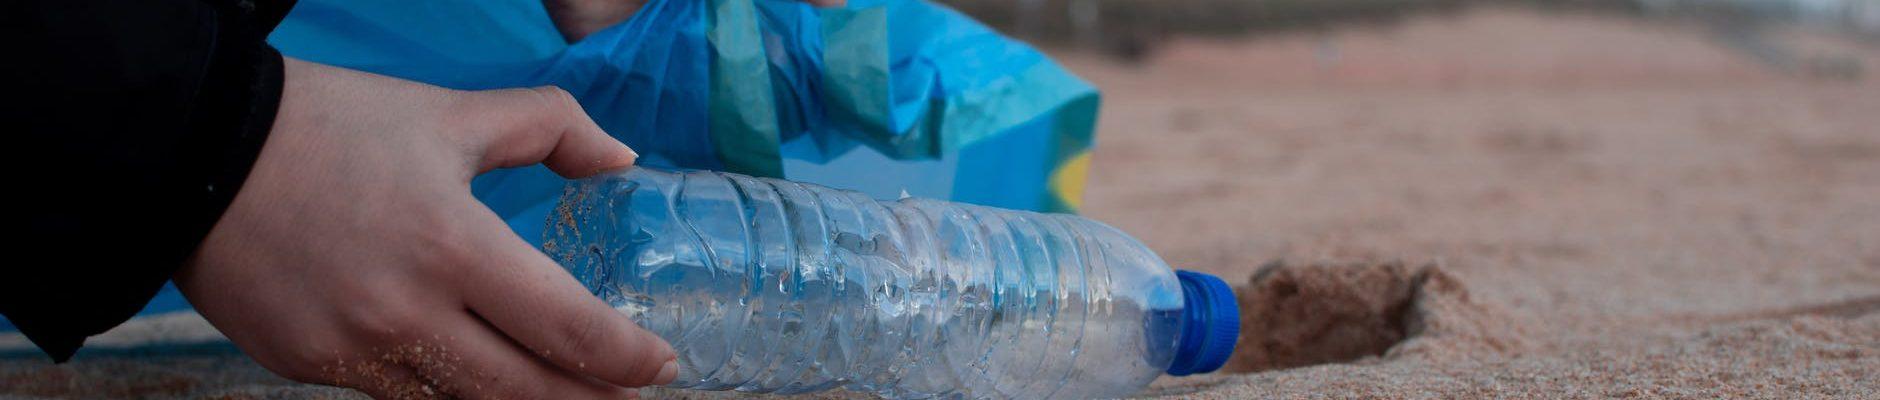 Zéro plastique